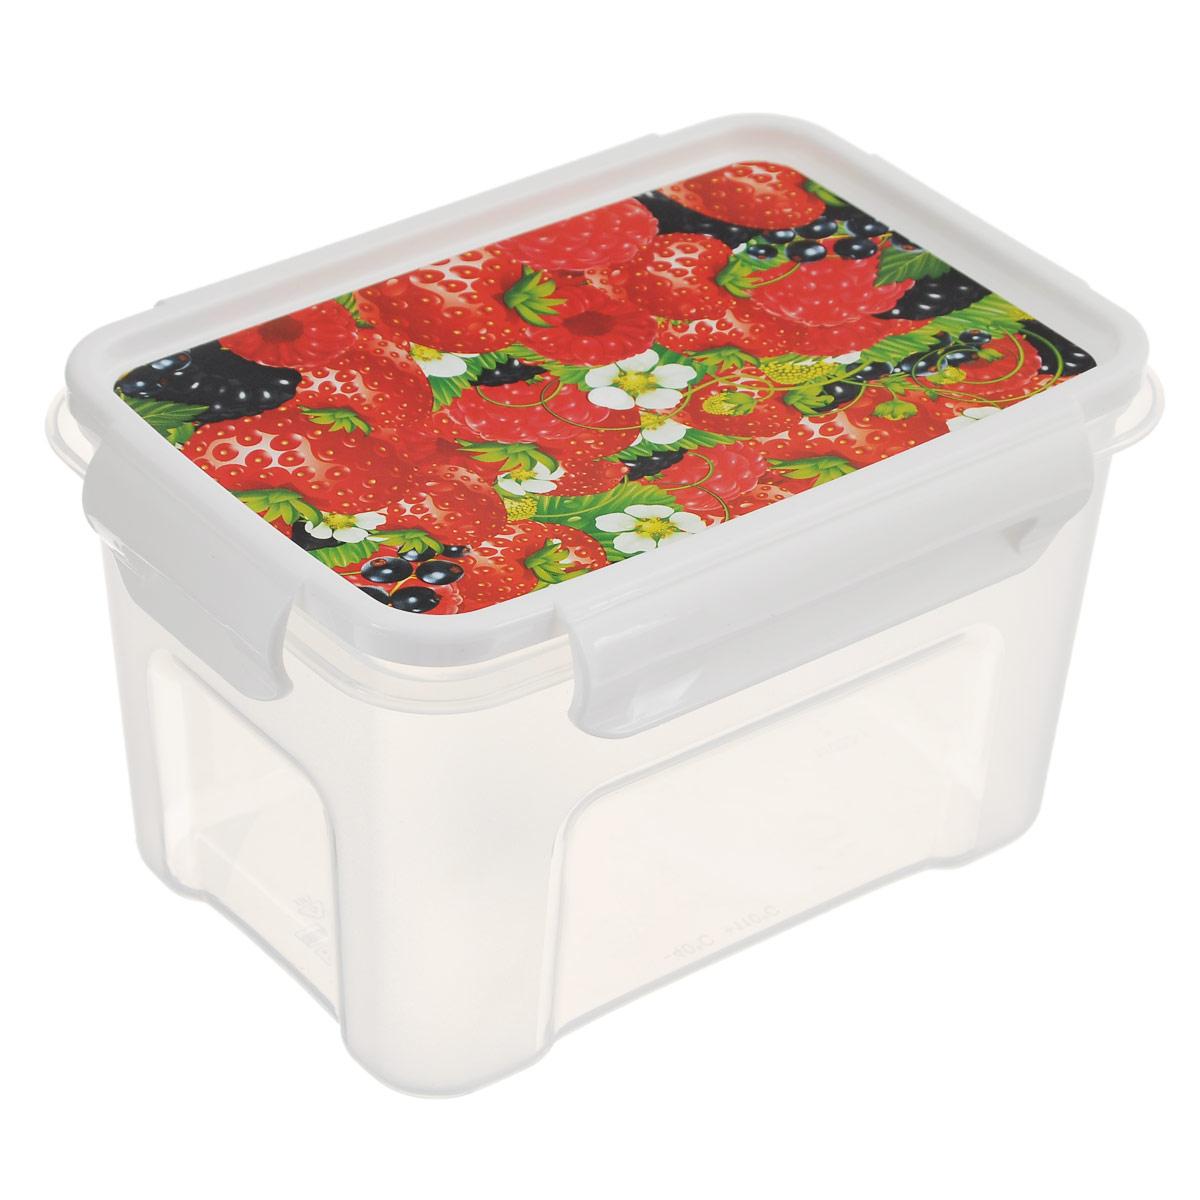 Контейнер Полимербыт Лок декор. Ягоды, цвет: прозрачный, 1,1 лС76201Контейнер Полимербыт Лок декор прямоугольной формы, изготовленный из прочного пластика, предназначен специально для хранения пищевых продуктов. Крышка, декорированная изображением ягод, легко открывается и плотно закрывается. Контейнер устойчив к воздействию масел и жиров, легко моется. Прозрачные стенки позволяют видеть содержимое. Контейнер имеет возможность хранения продуктов глубокой заморозки, обладает высокой прочностью.Можно мыть в посудомоечной машине. Подходит для использования в микроволновых печах.